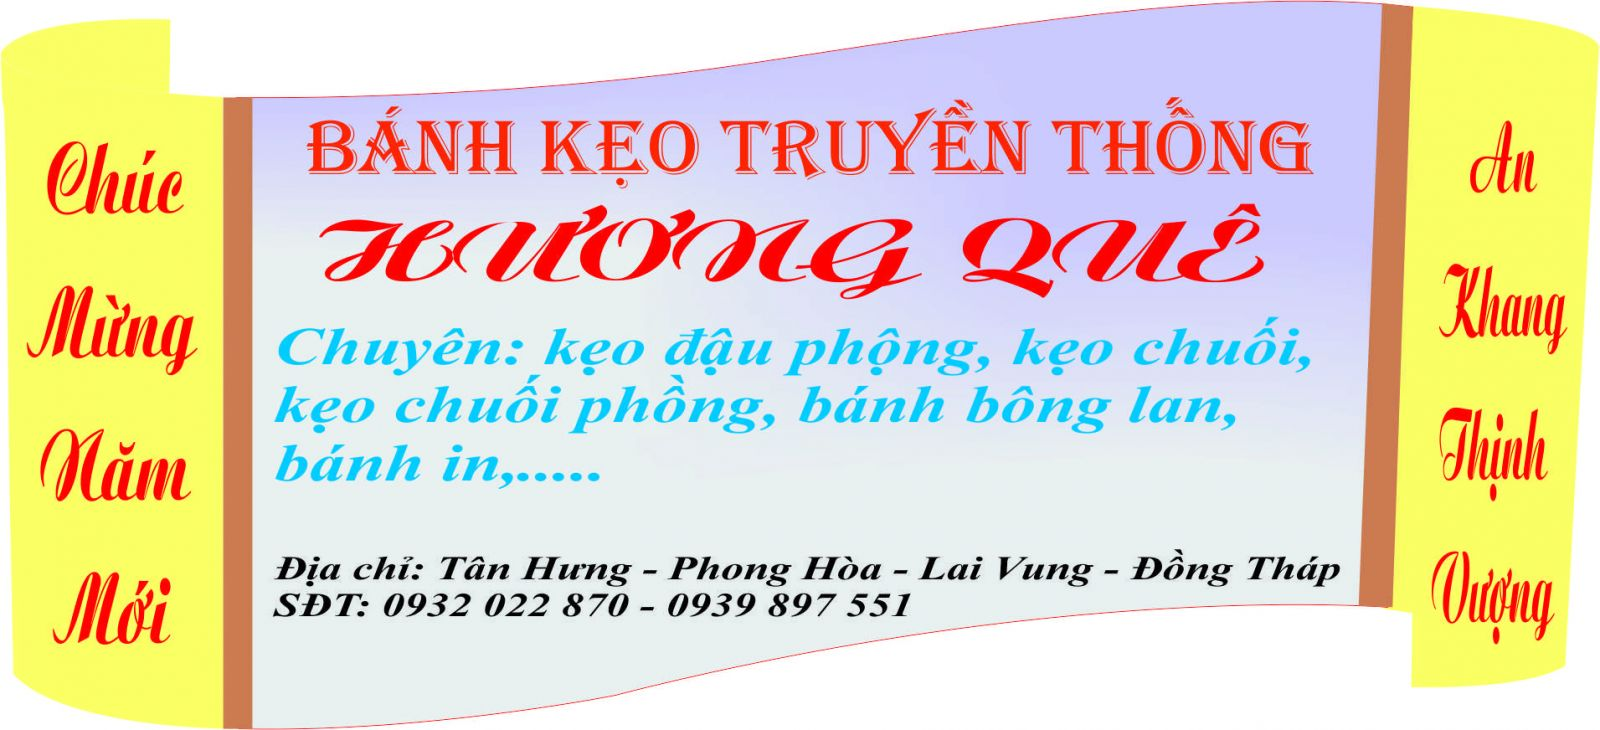 banh-keo-truyen-thong-huong-que